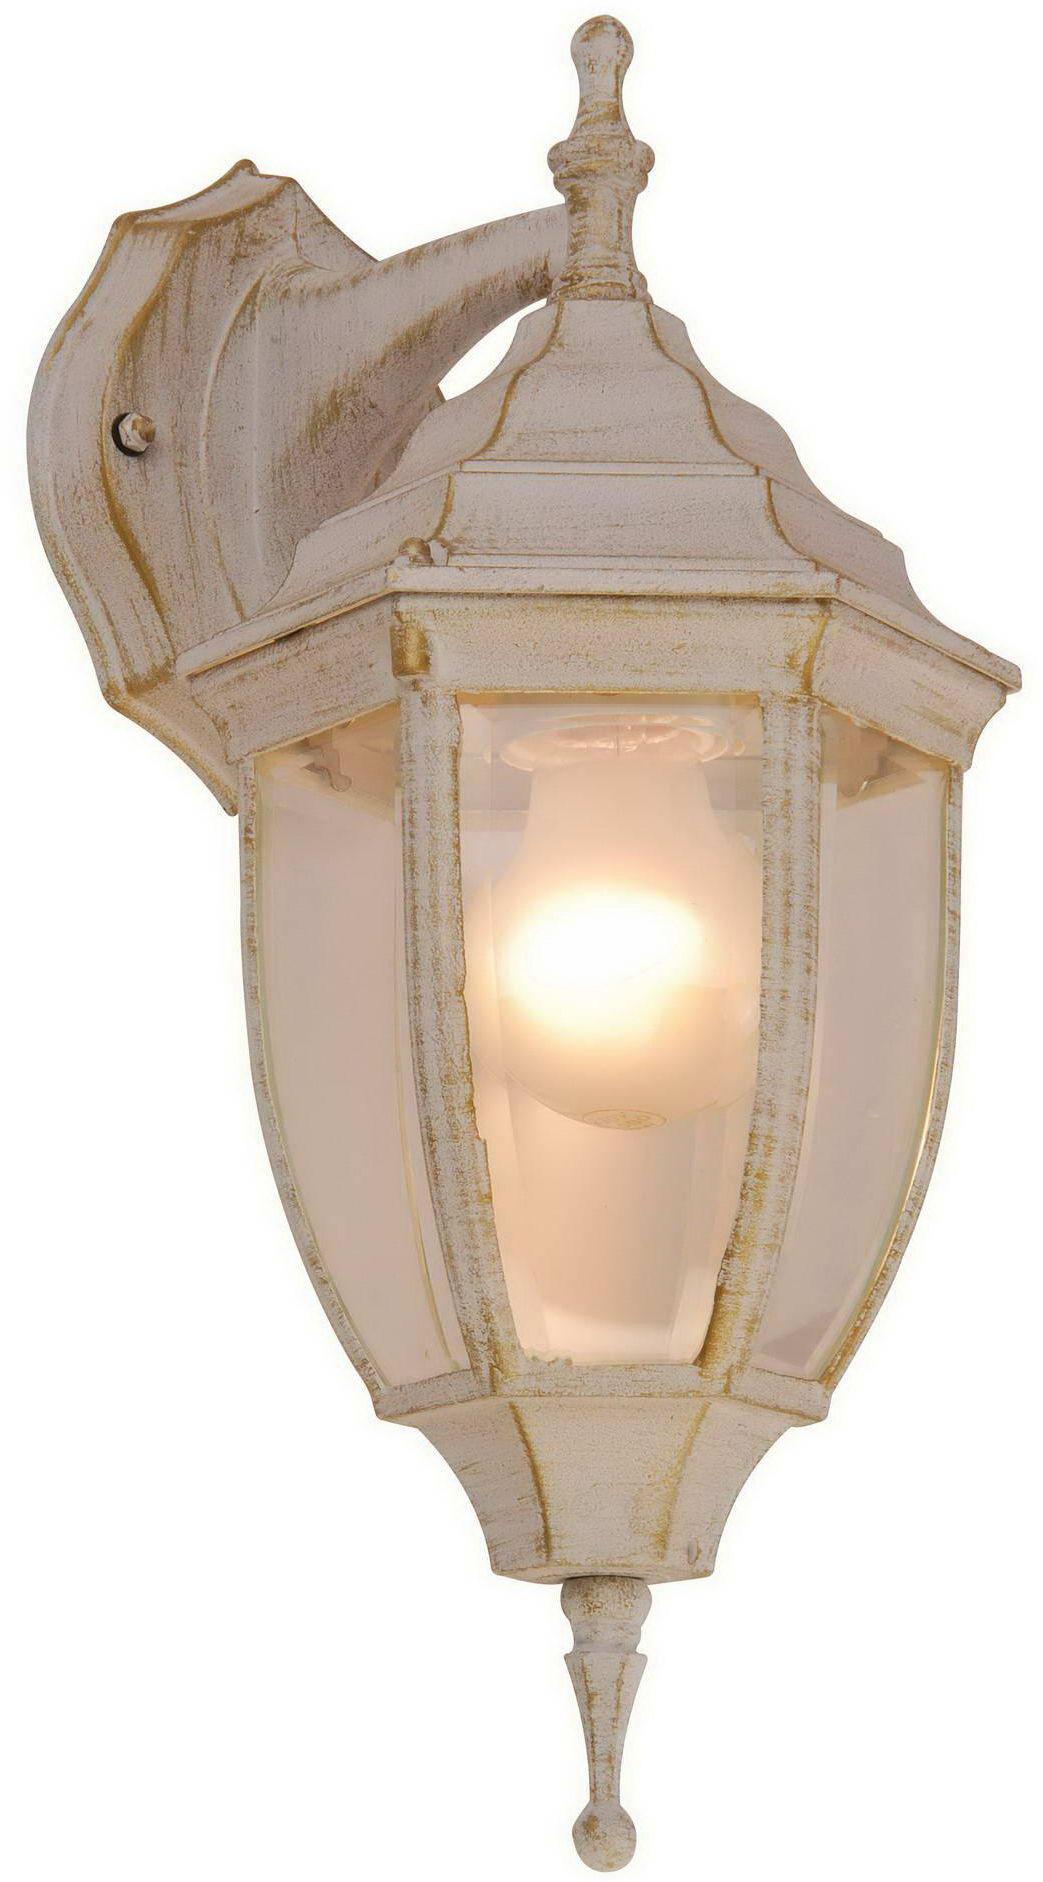 Globo kinkiet lampa ścienna Nyxi 31721 aluminium białe ze złotym dekorem, patyna, szkło czyste, IP44